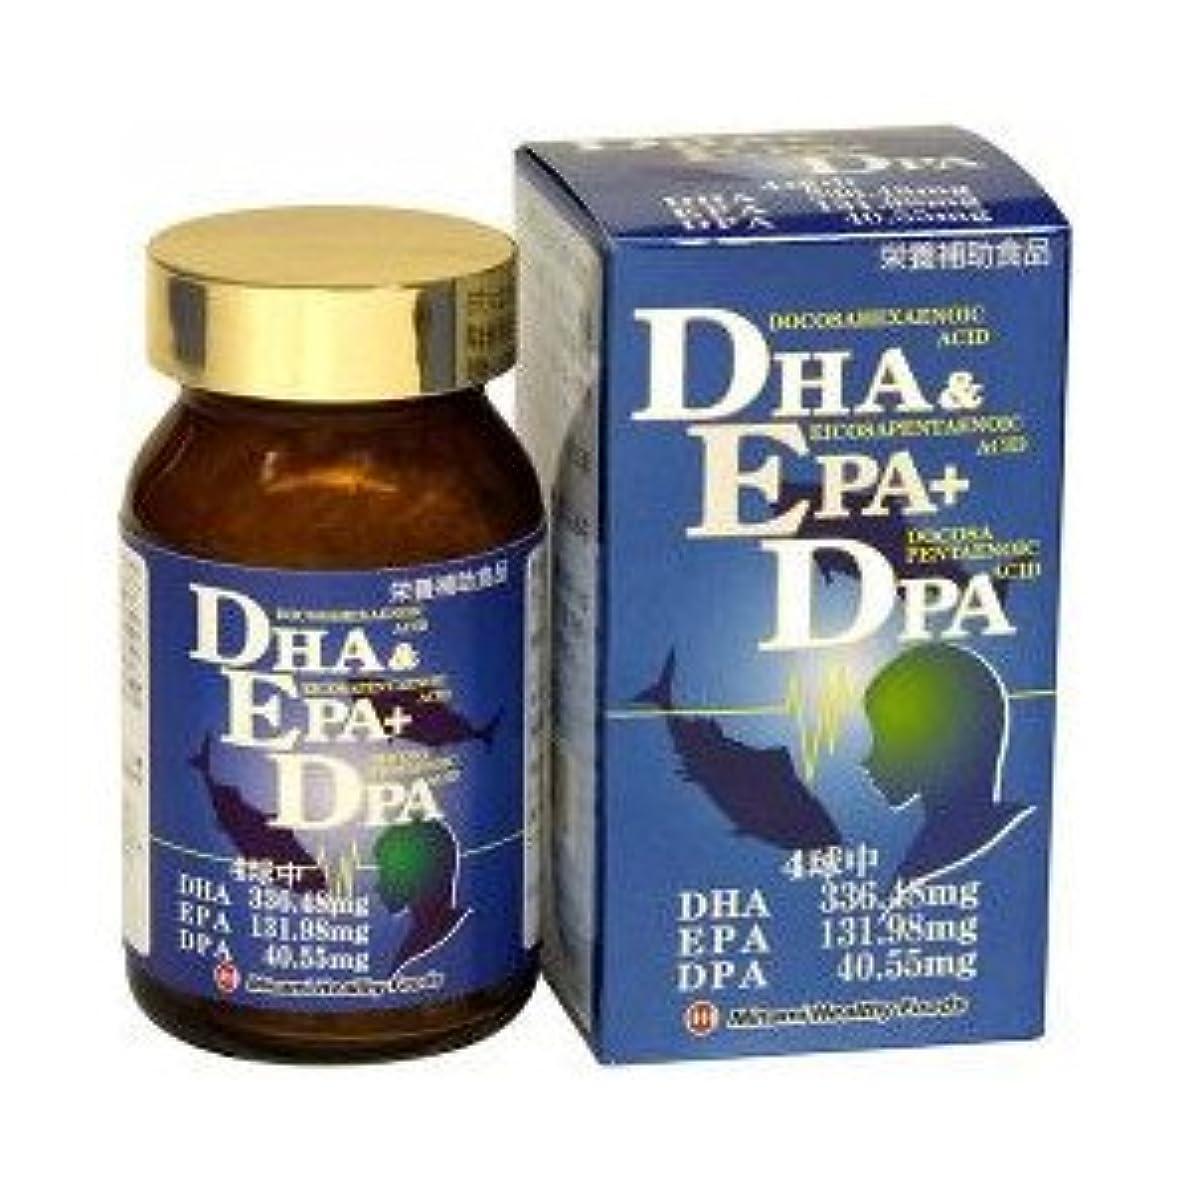 ホスト小学生怒るDHA&EPA+DPA 120粒